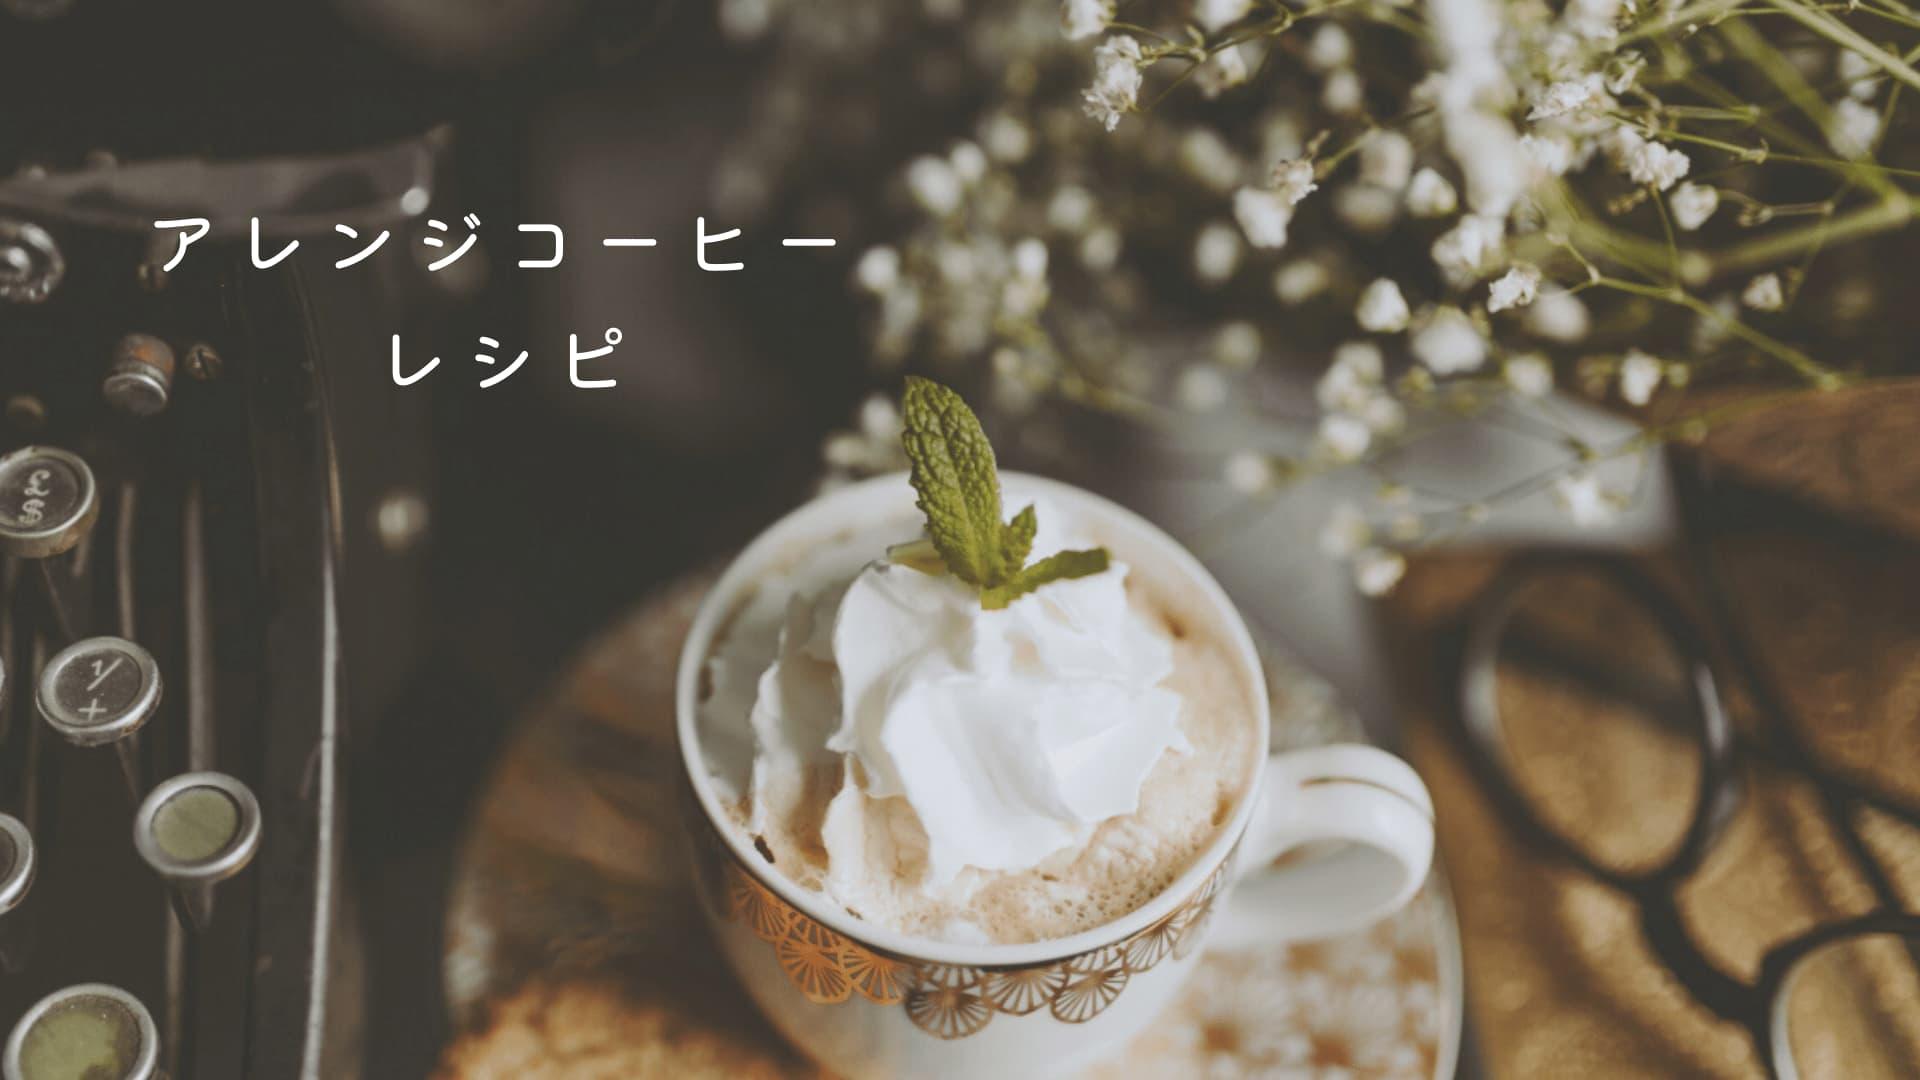 【本格おうちカフェ】おうちバレンタインにも!簡単にできるコーヒーのアレンジレシピを紹介